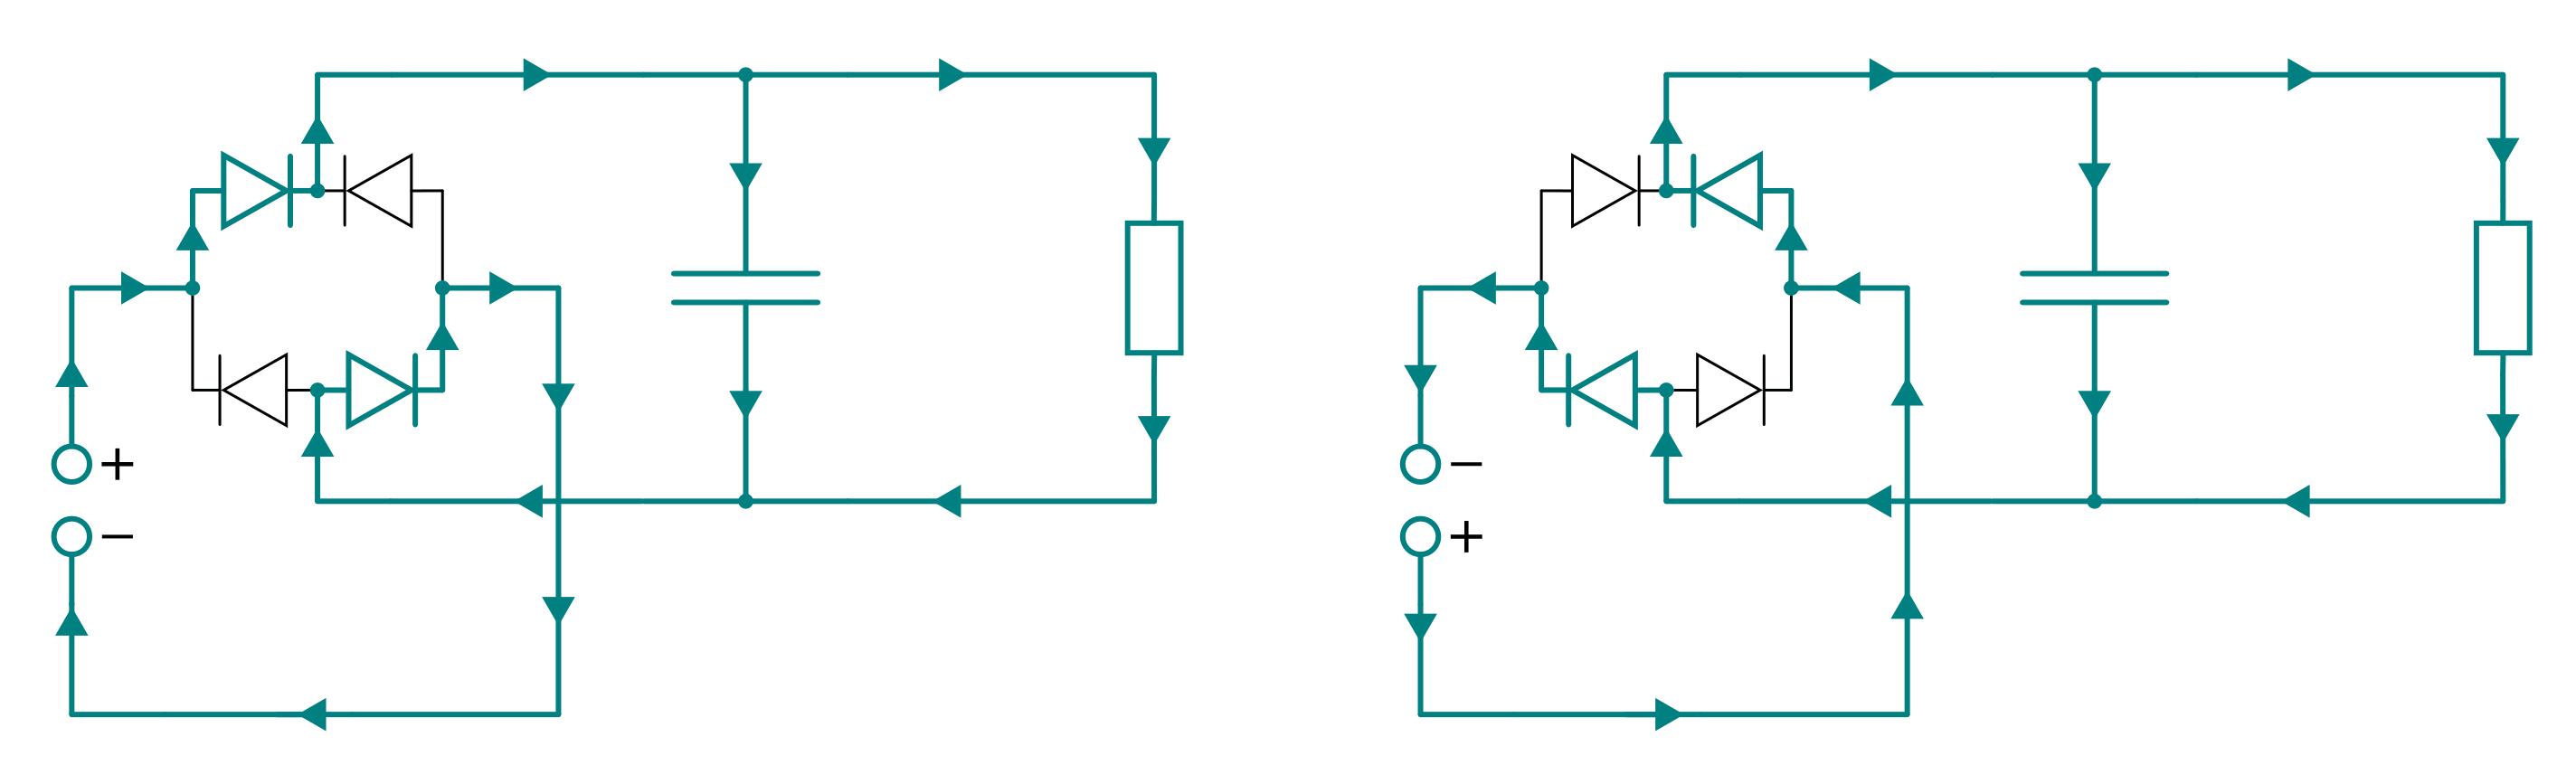 Gleich- und Wechselrichter — Grundwissen Elektronik